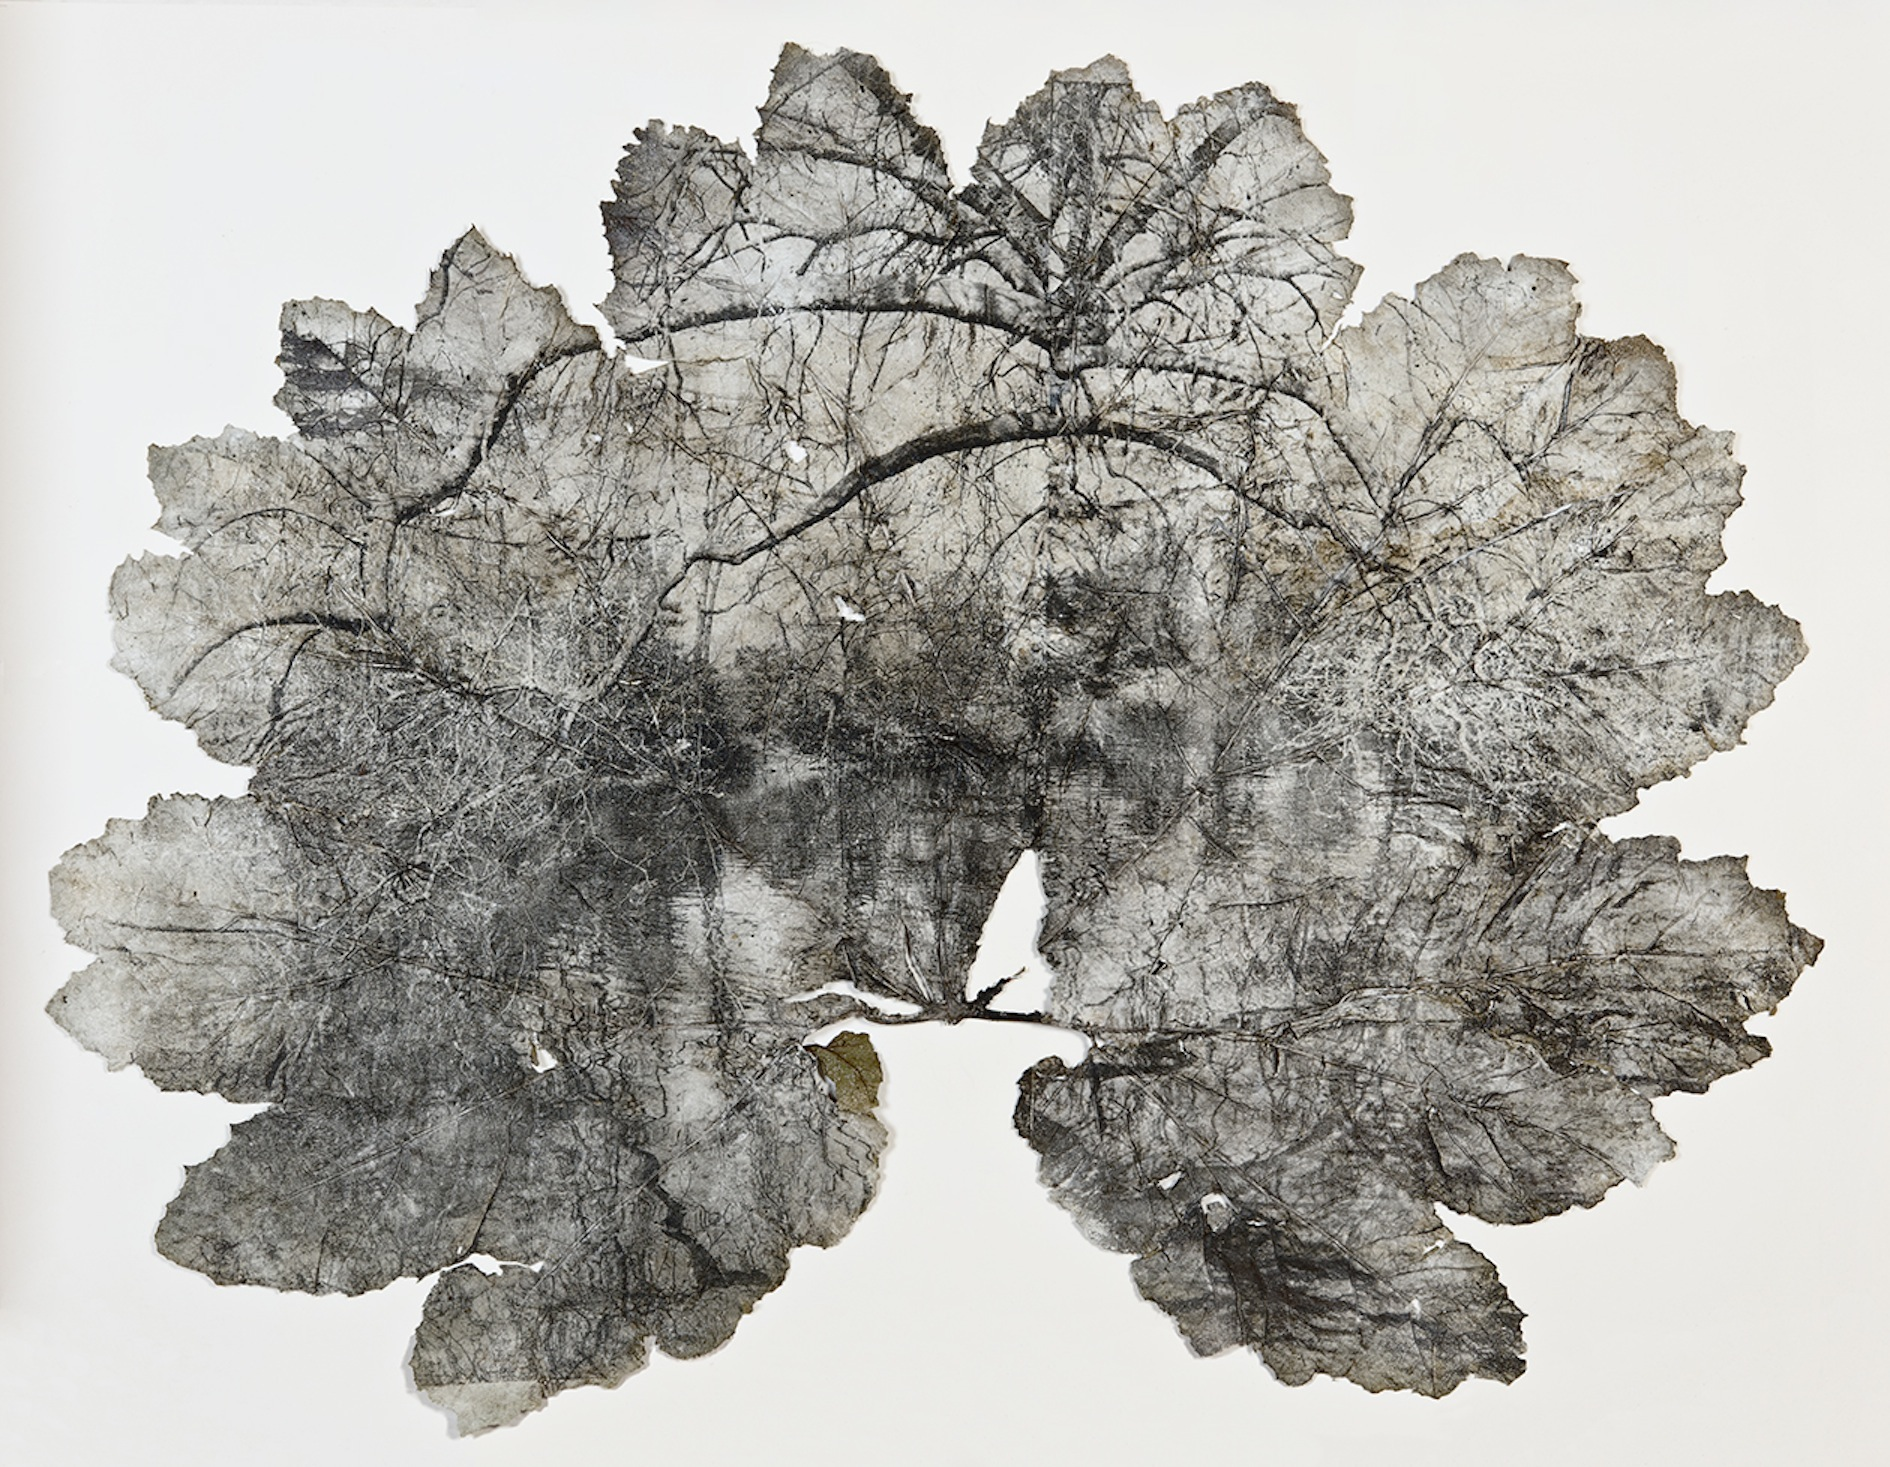 Untitled - 160cm x 120cm - Silver gelatin print on Gunnera Manicata leaf